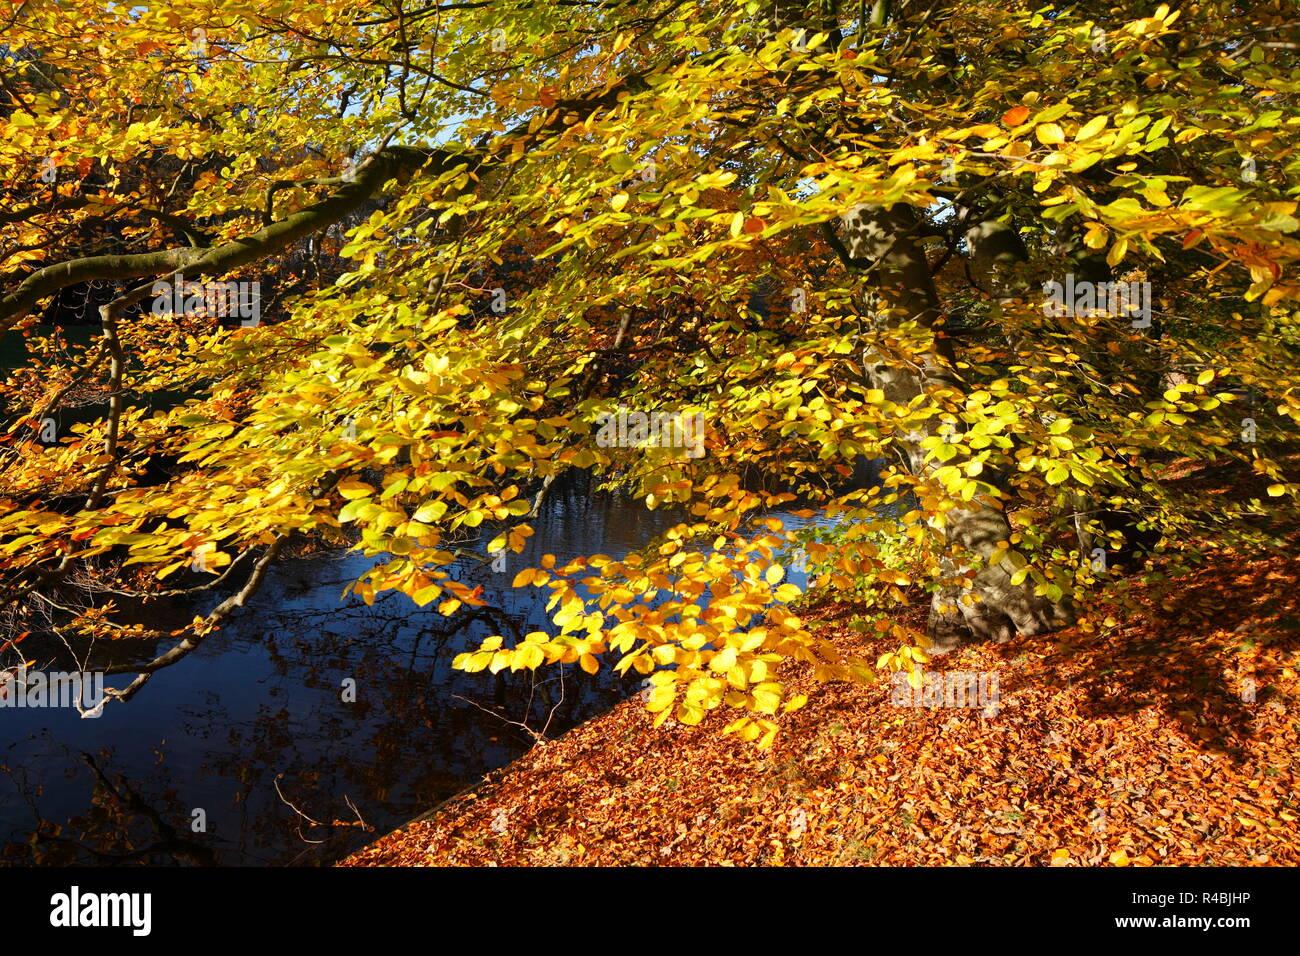 Discolored trees in thePark Wallanlagen in autumn, Bremen, Germany, Europe I Verfärbte Bäume in den Wallanlagen im Herbst , Bremen, Deutschland, Europ Stock Photo